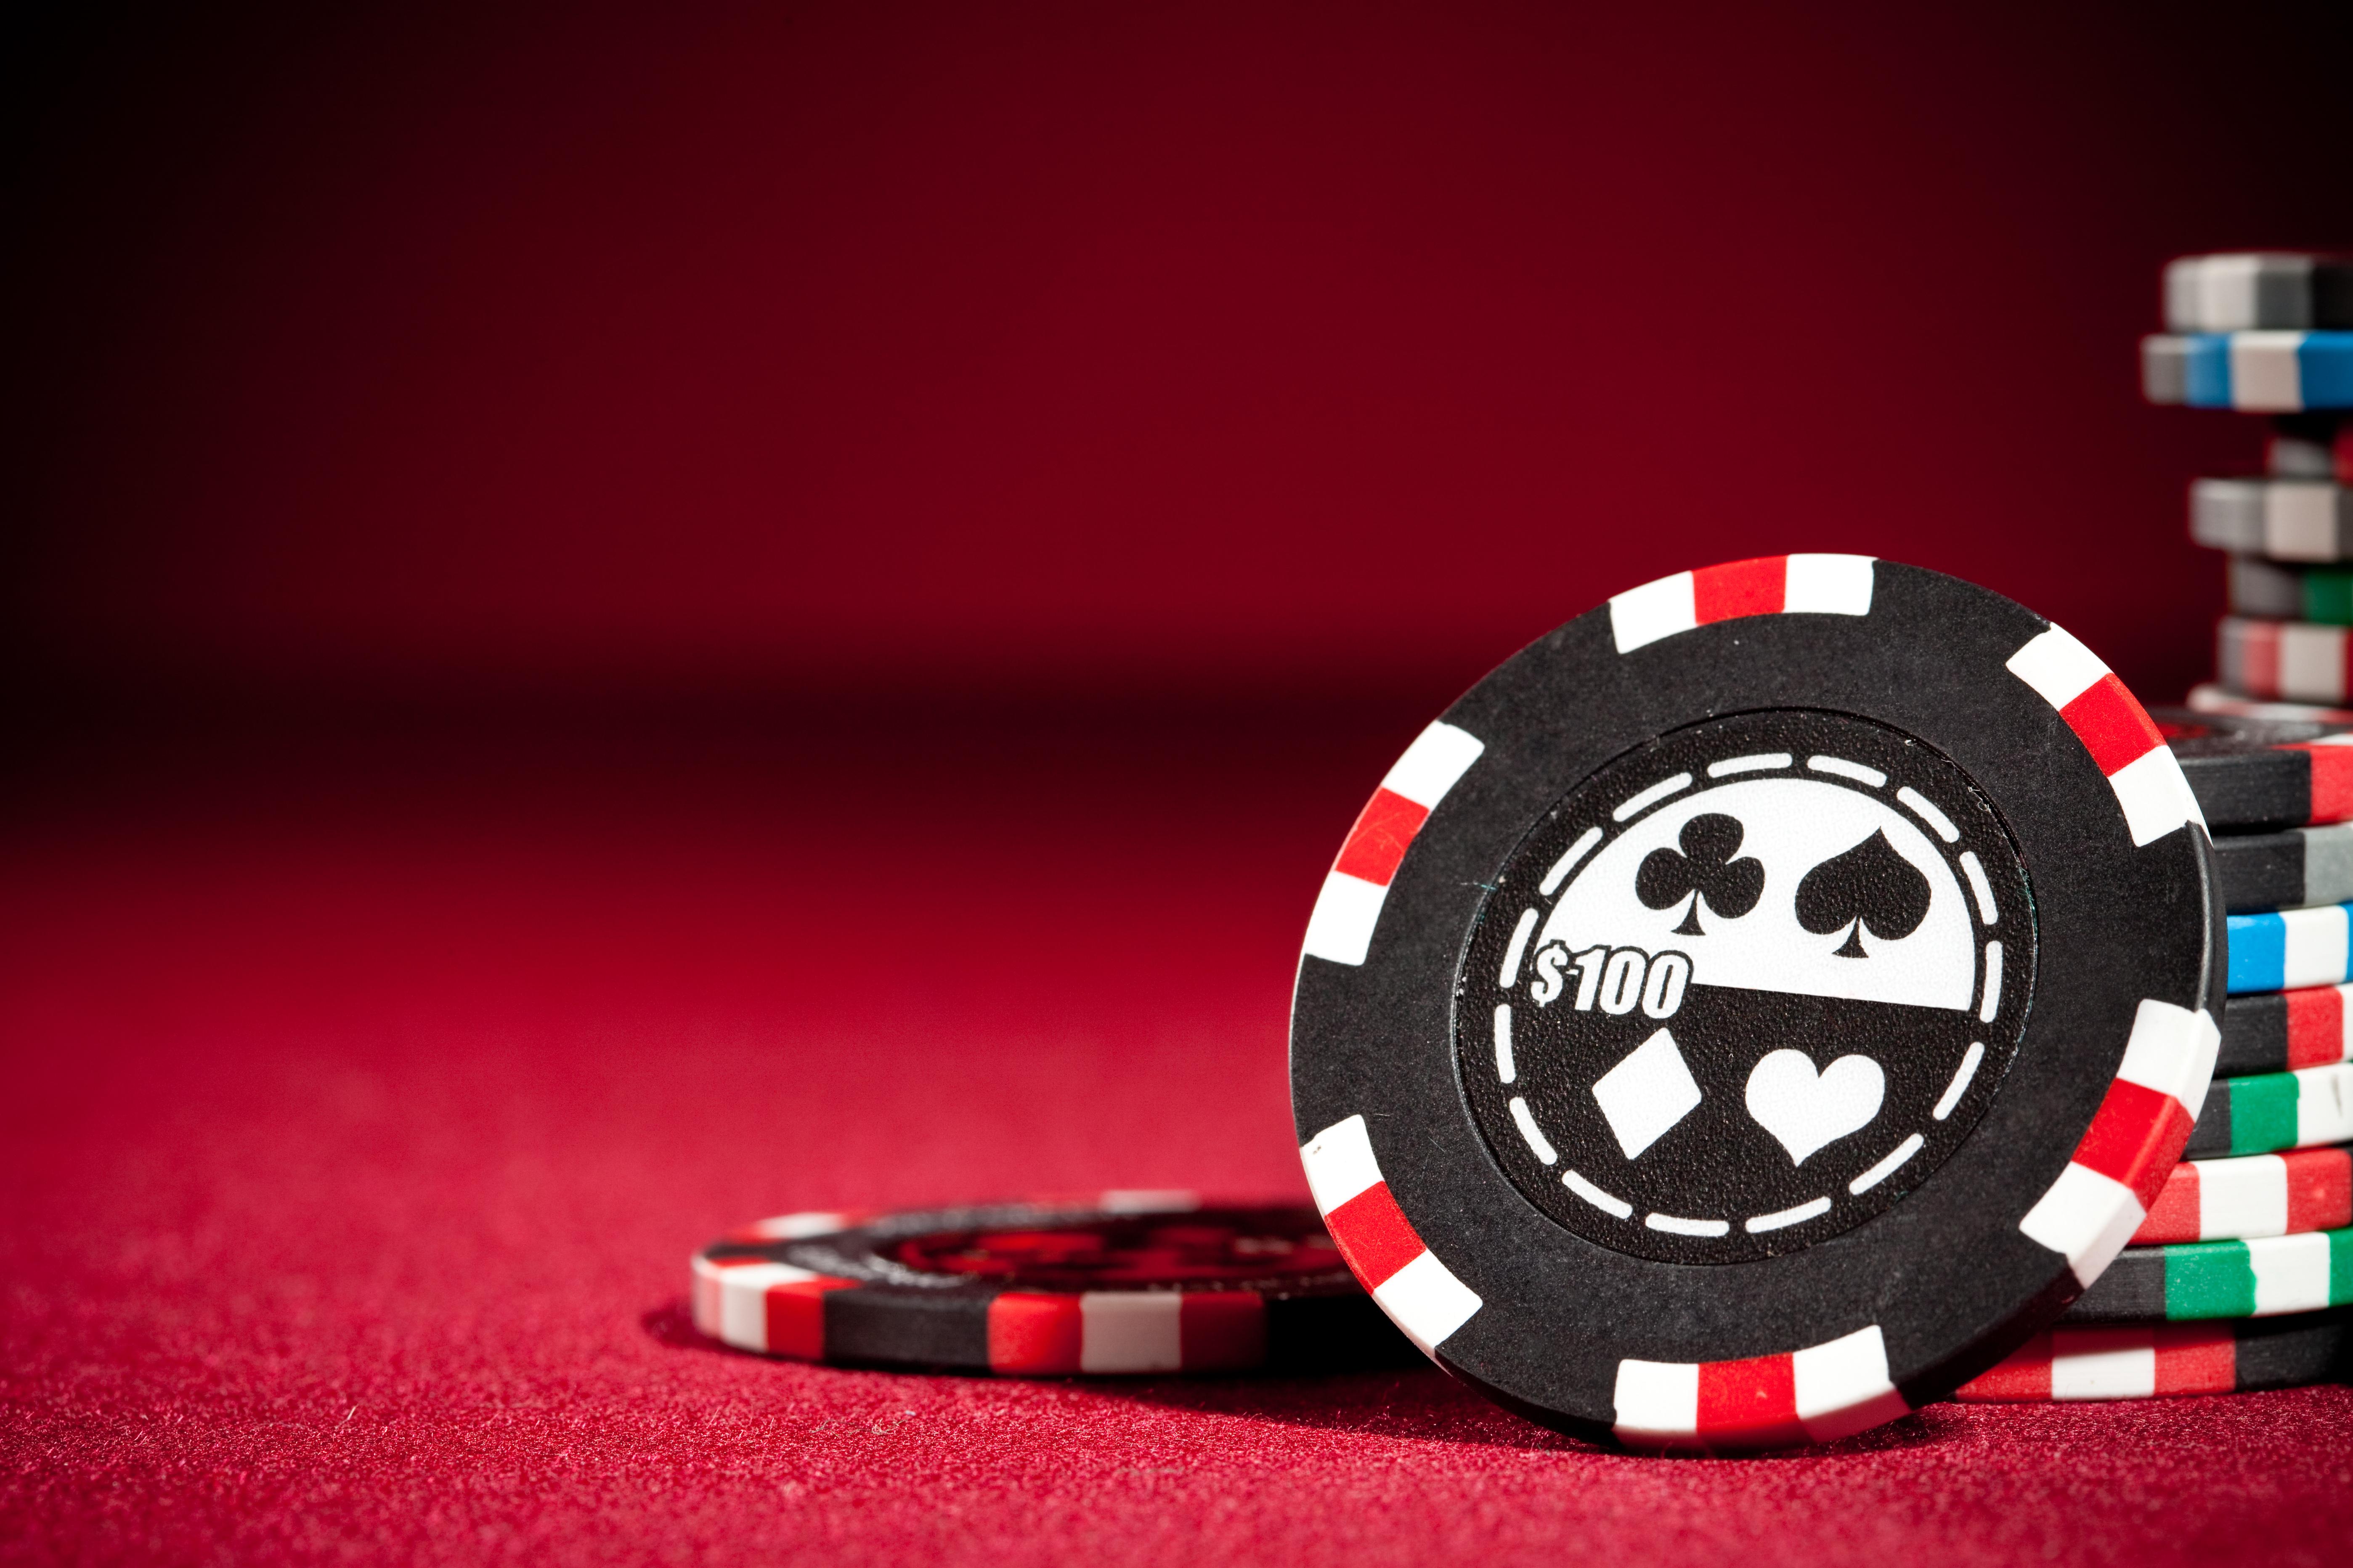 онлайн-казино без скачивания бездепозитный бонус